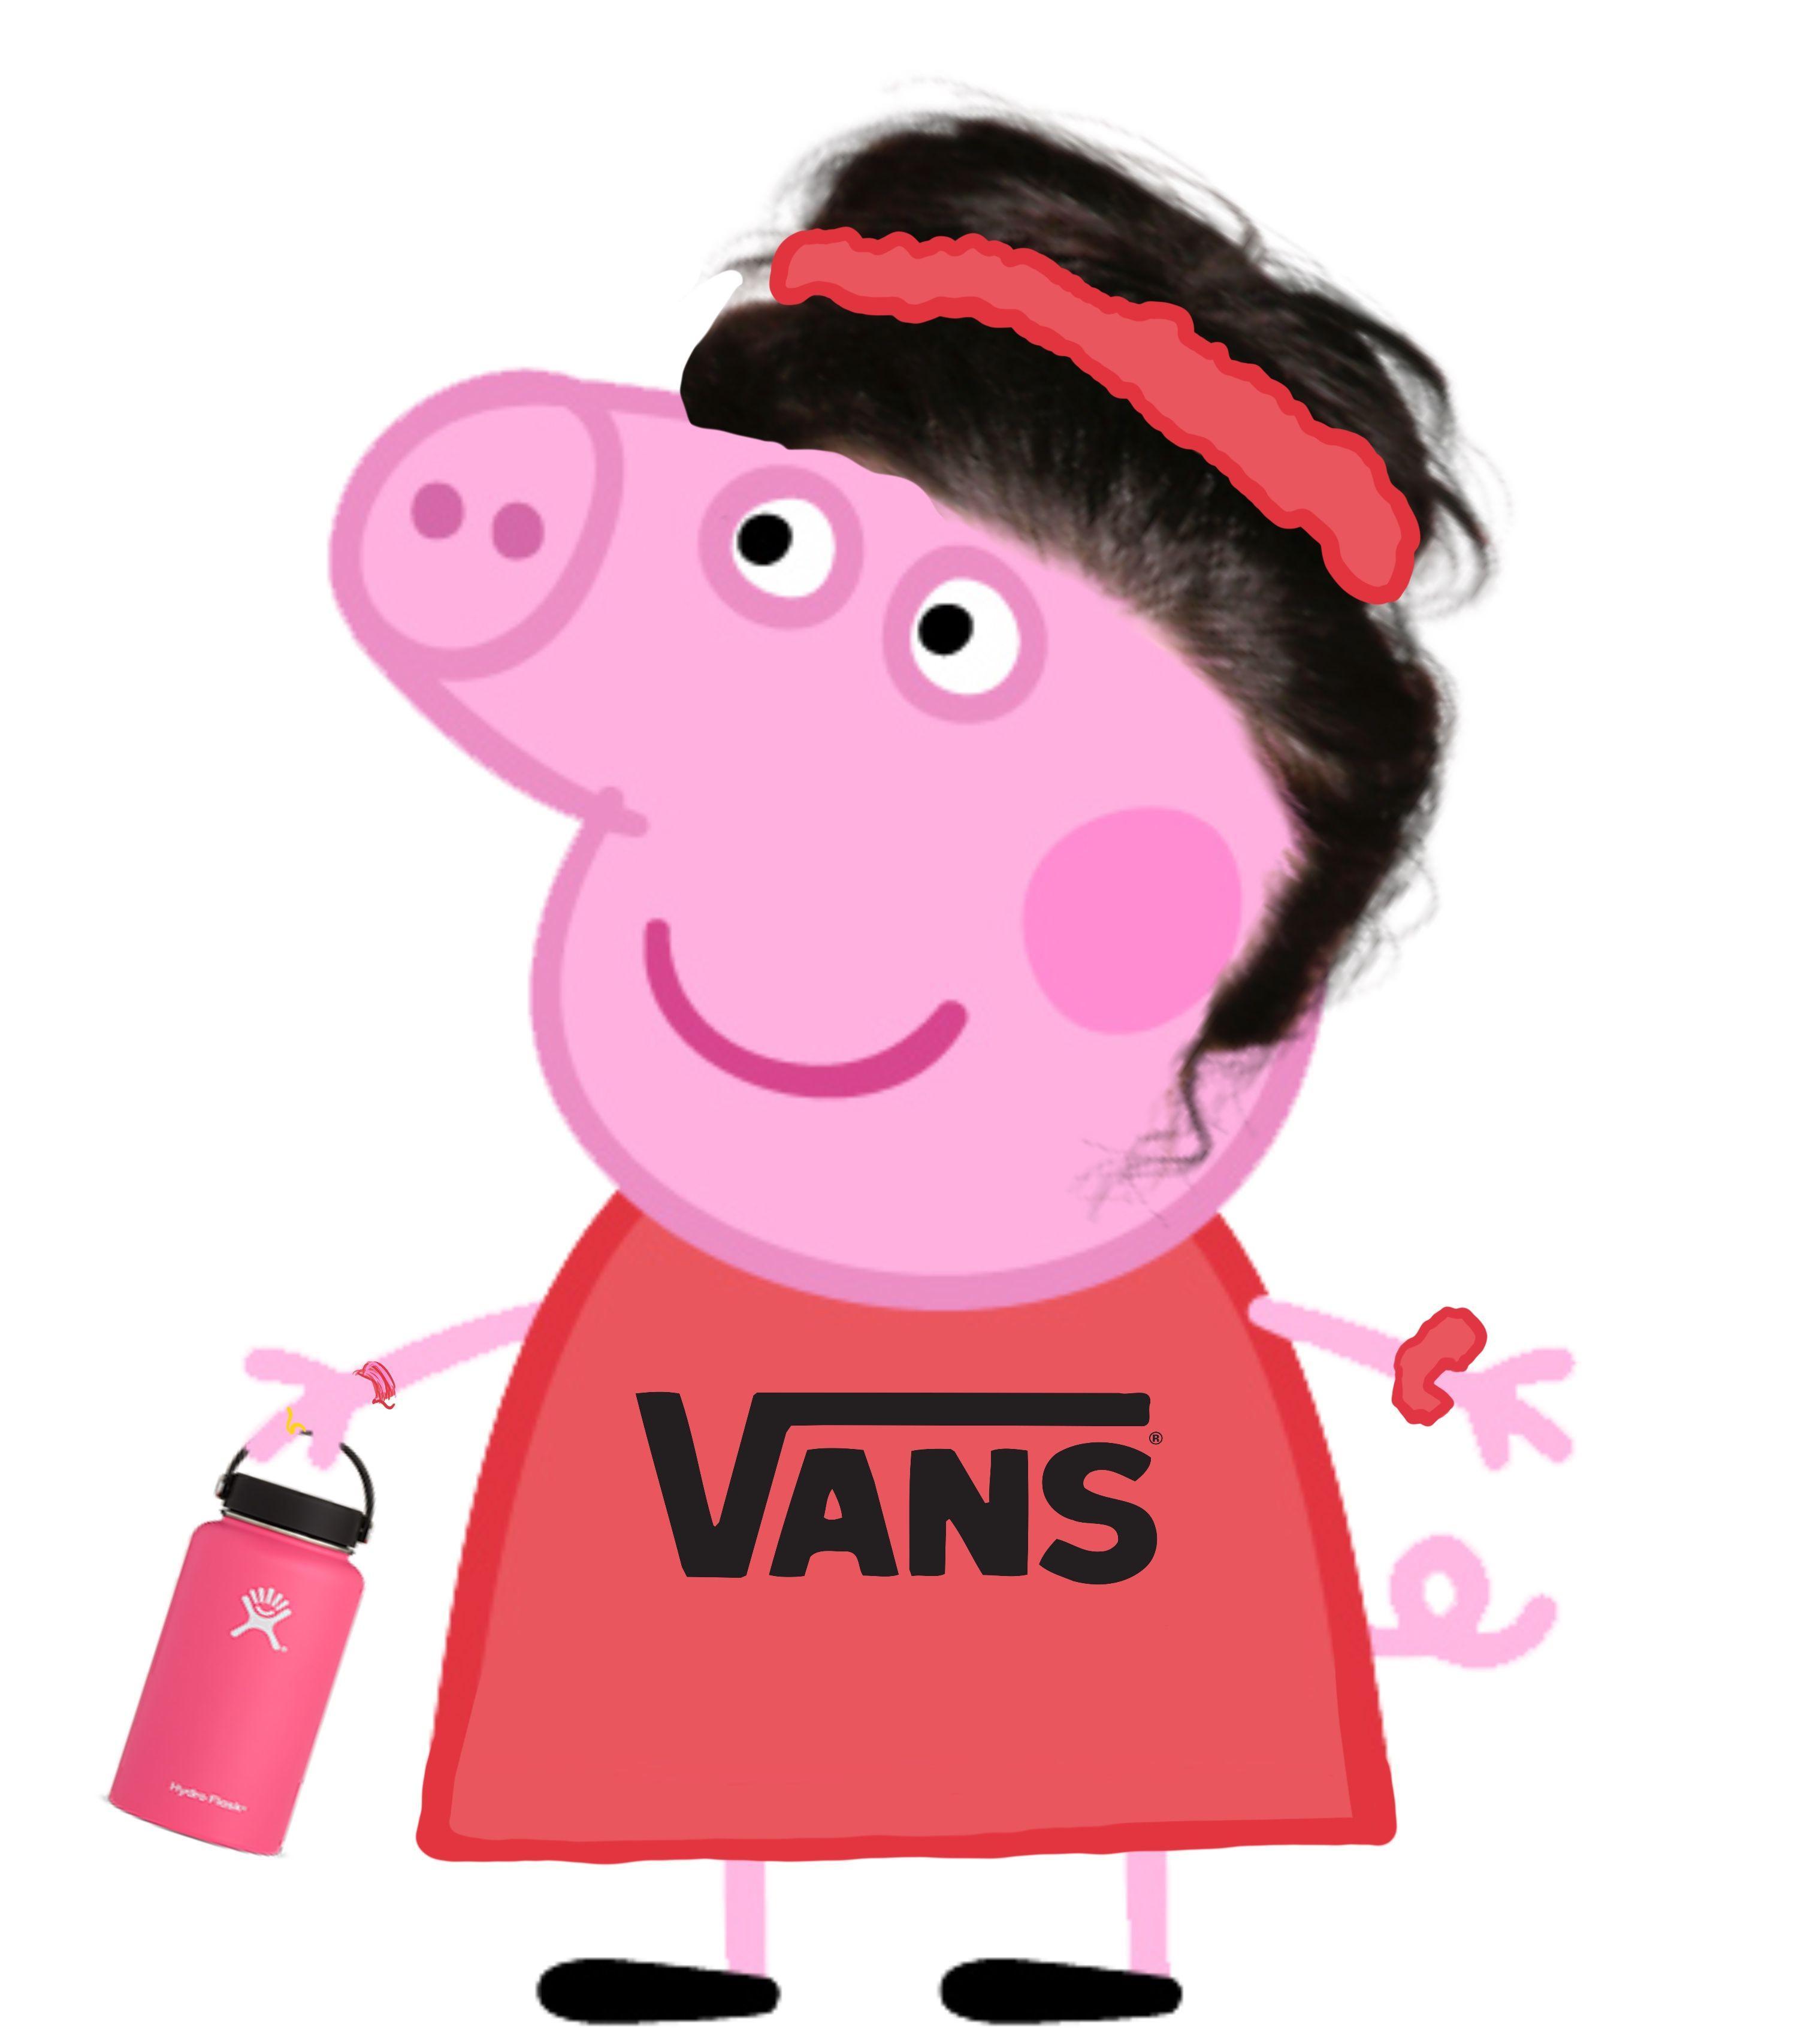 Peppa Pig Vsco Girl Wallpapers Top Free Peppa Pig Vsco Girl